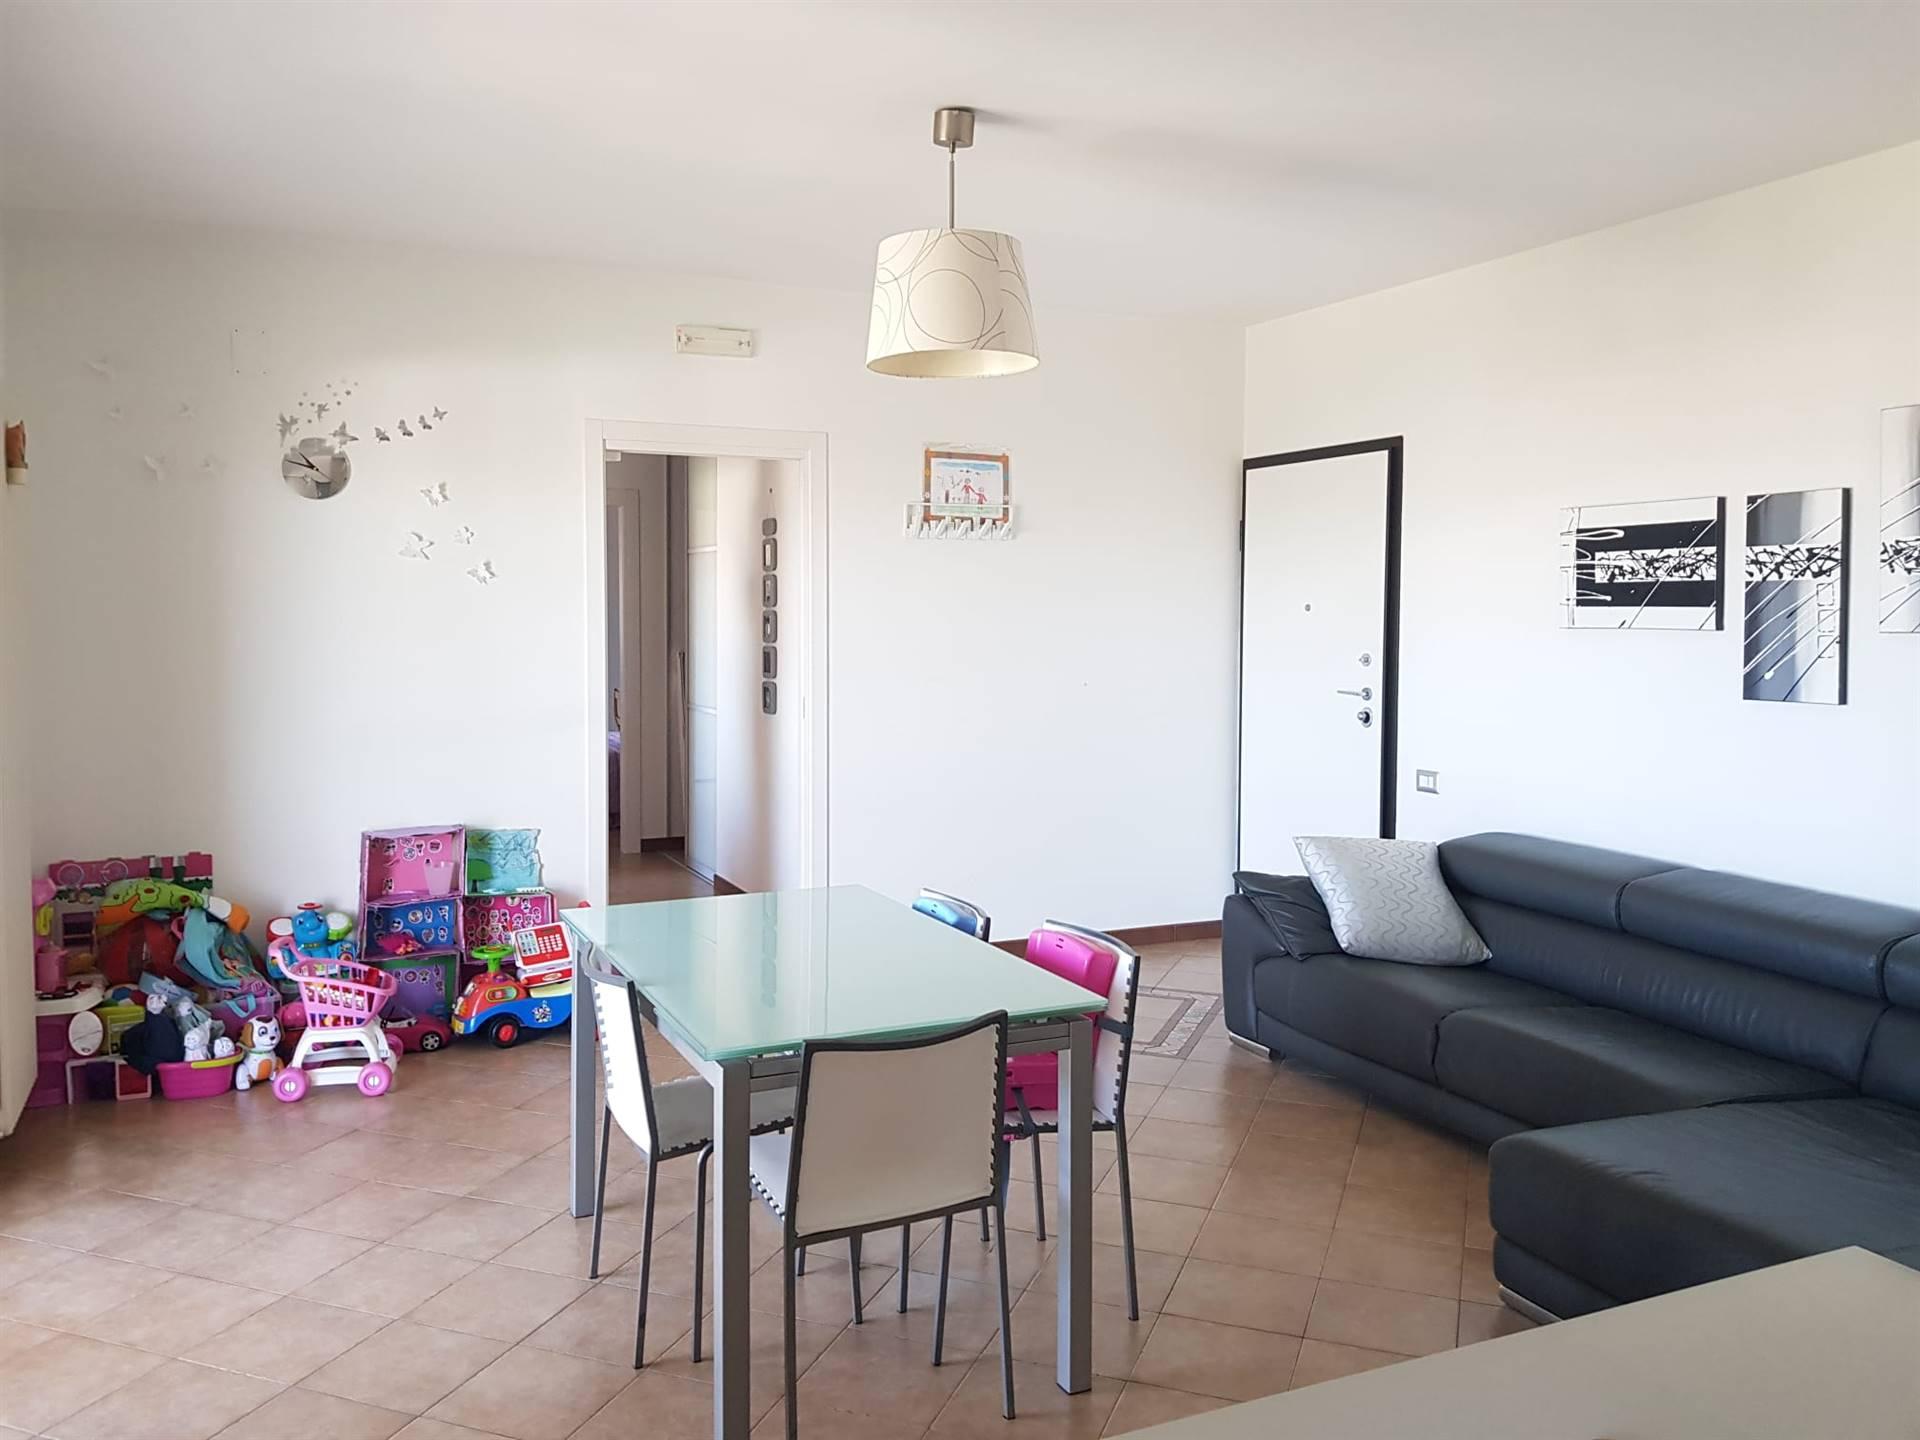 Appartamento in vendita a Matera, 4 locali, zona Zona: Periferia Nord, prezzo € 180.000 | CambioCasa.it